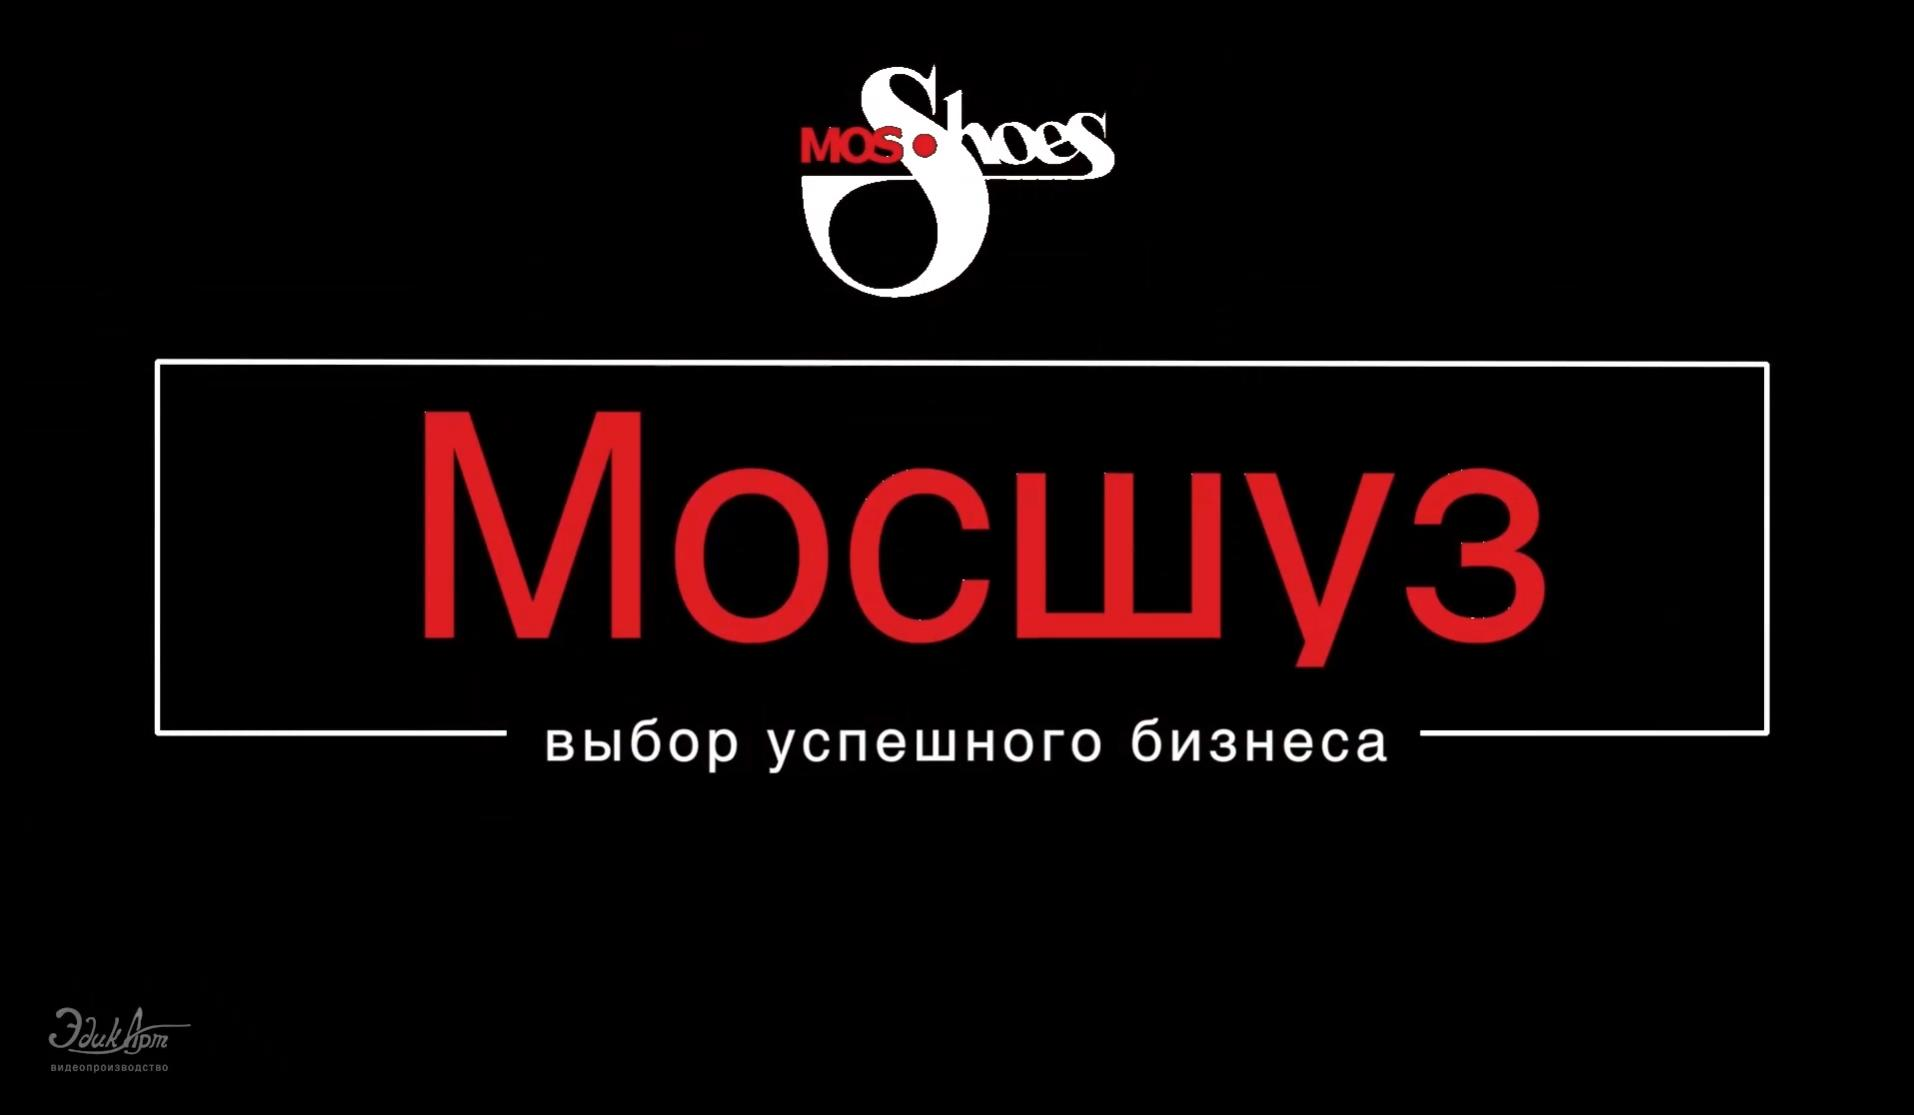 Выставка Мосшуз